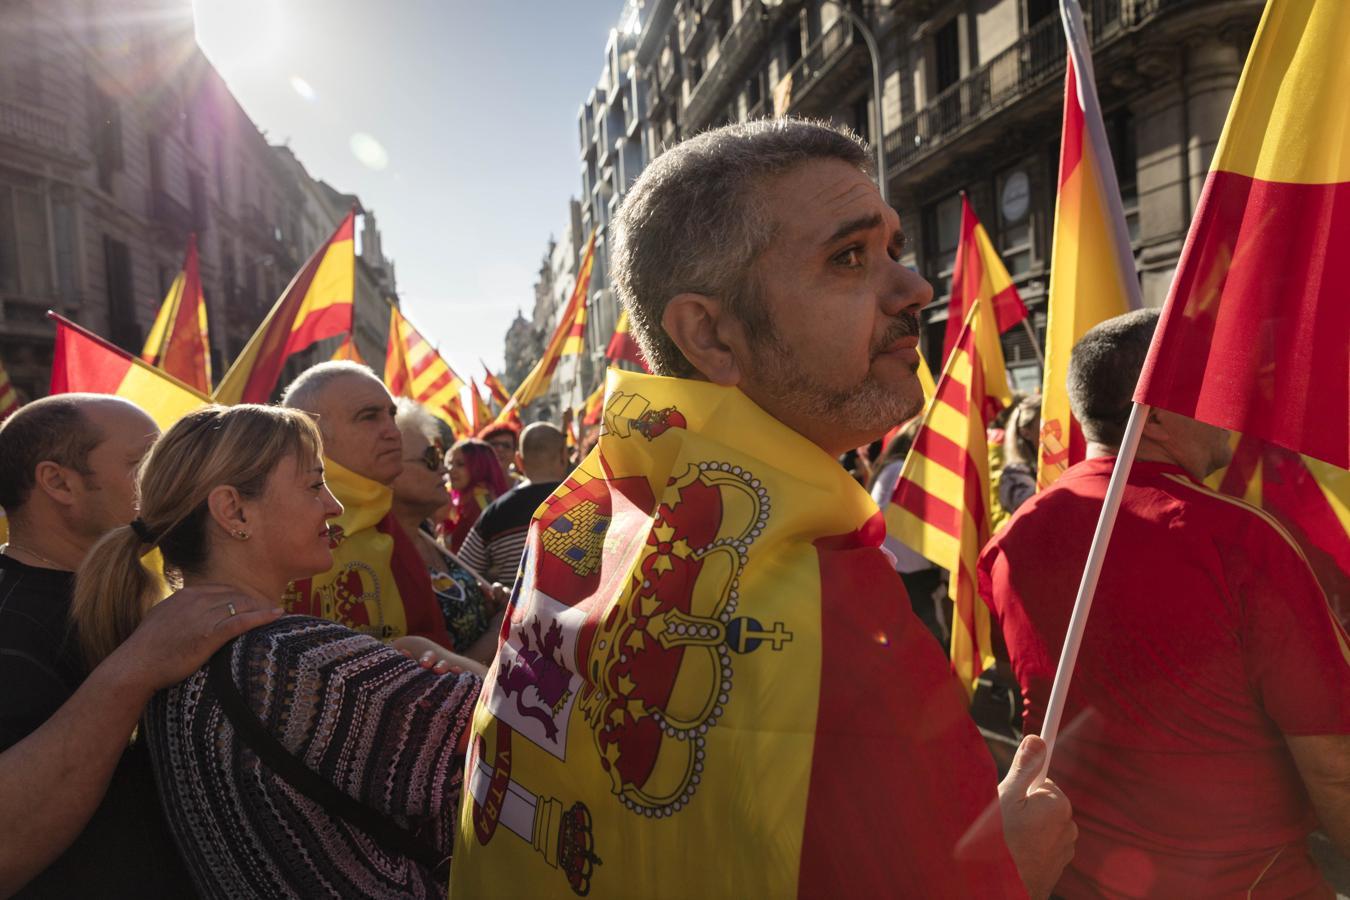 Entre multitud de banderas españolas, «senyeres» y europeas, los manifestantes continúan gritando consignas como «Puigdemont a prisión», «Yo soy español» o «Viva España, viva Cataluña y viva la Guardia Civil»